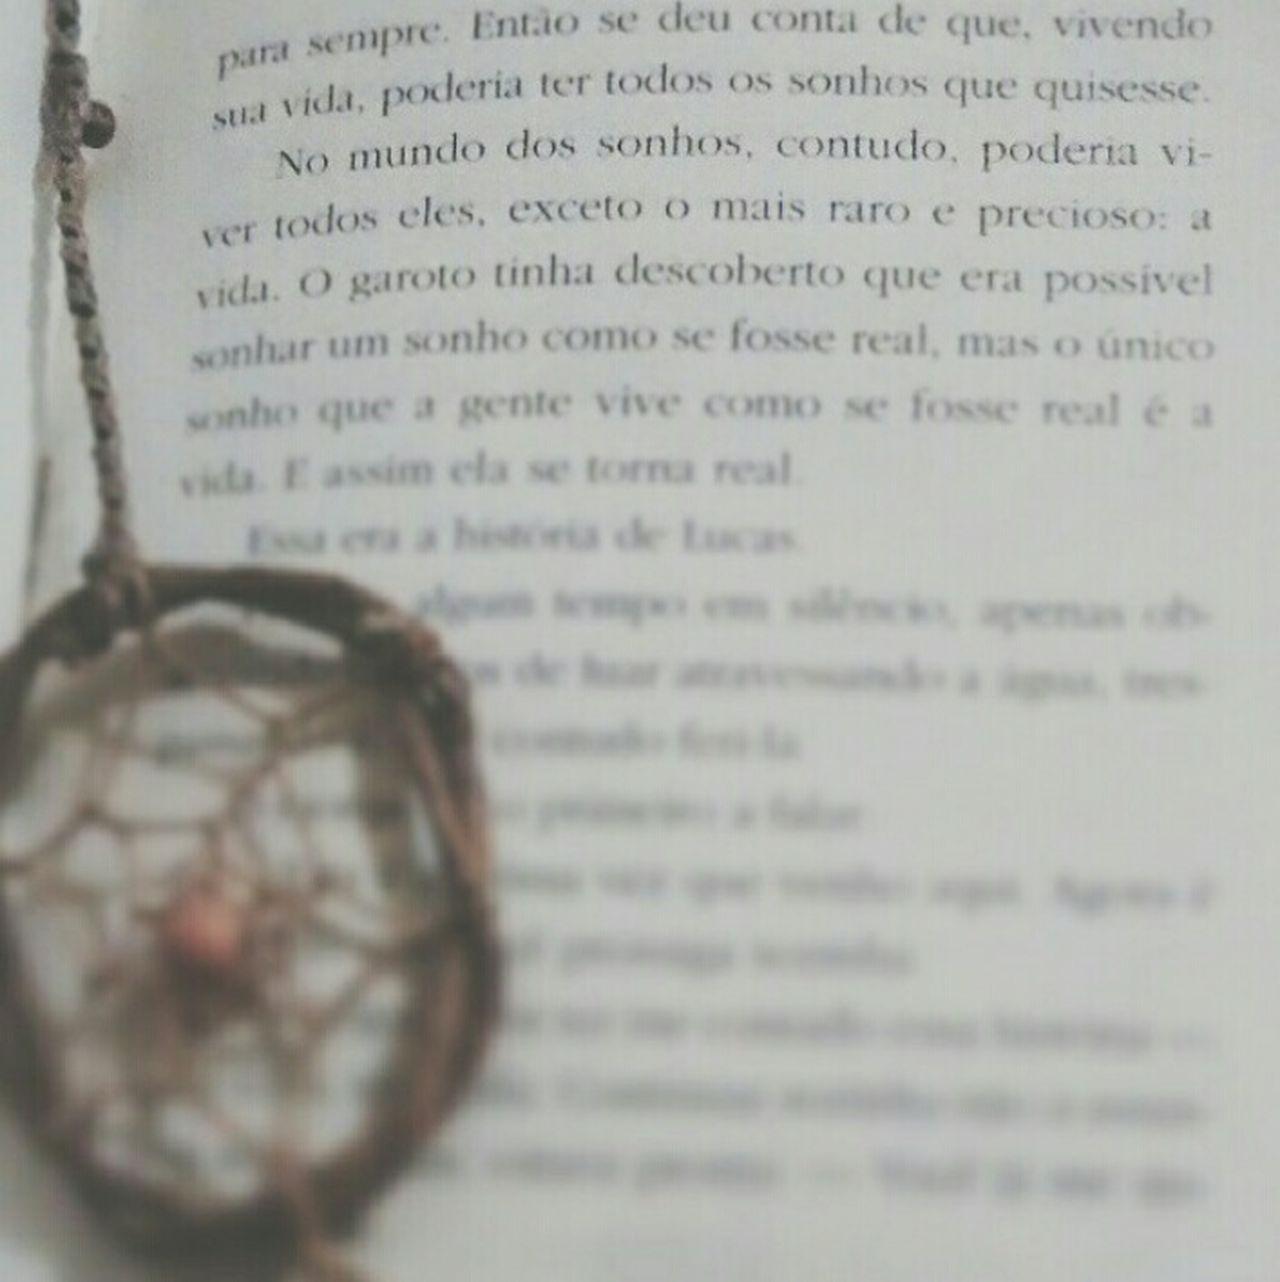 Book Osenhordospesadelos Vida Sonhos Frases Dream Life Livro  Filtrodossonhos Dreamcatcher